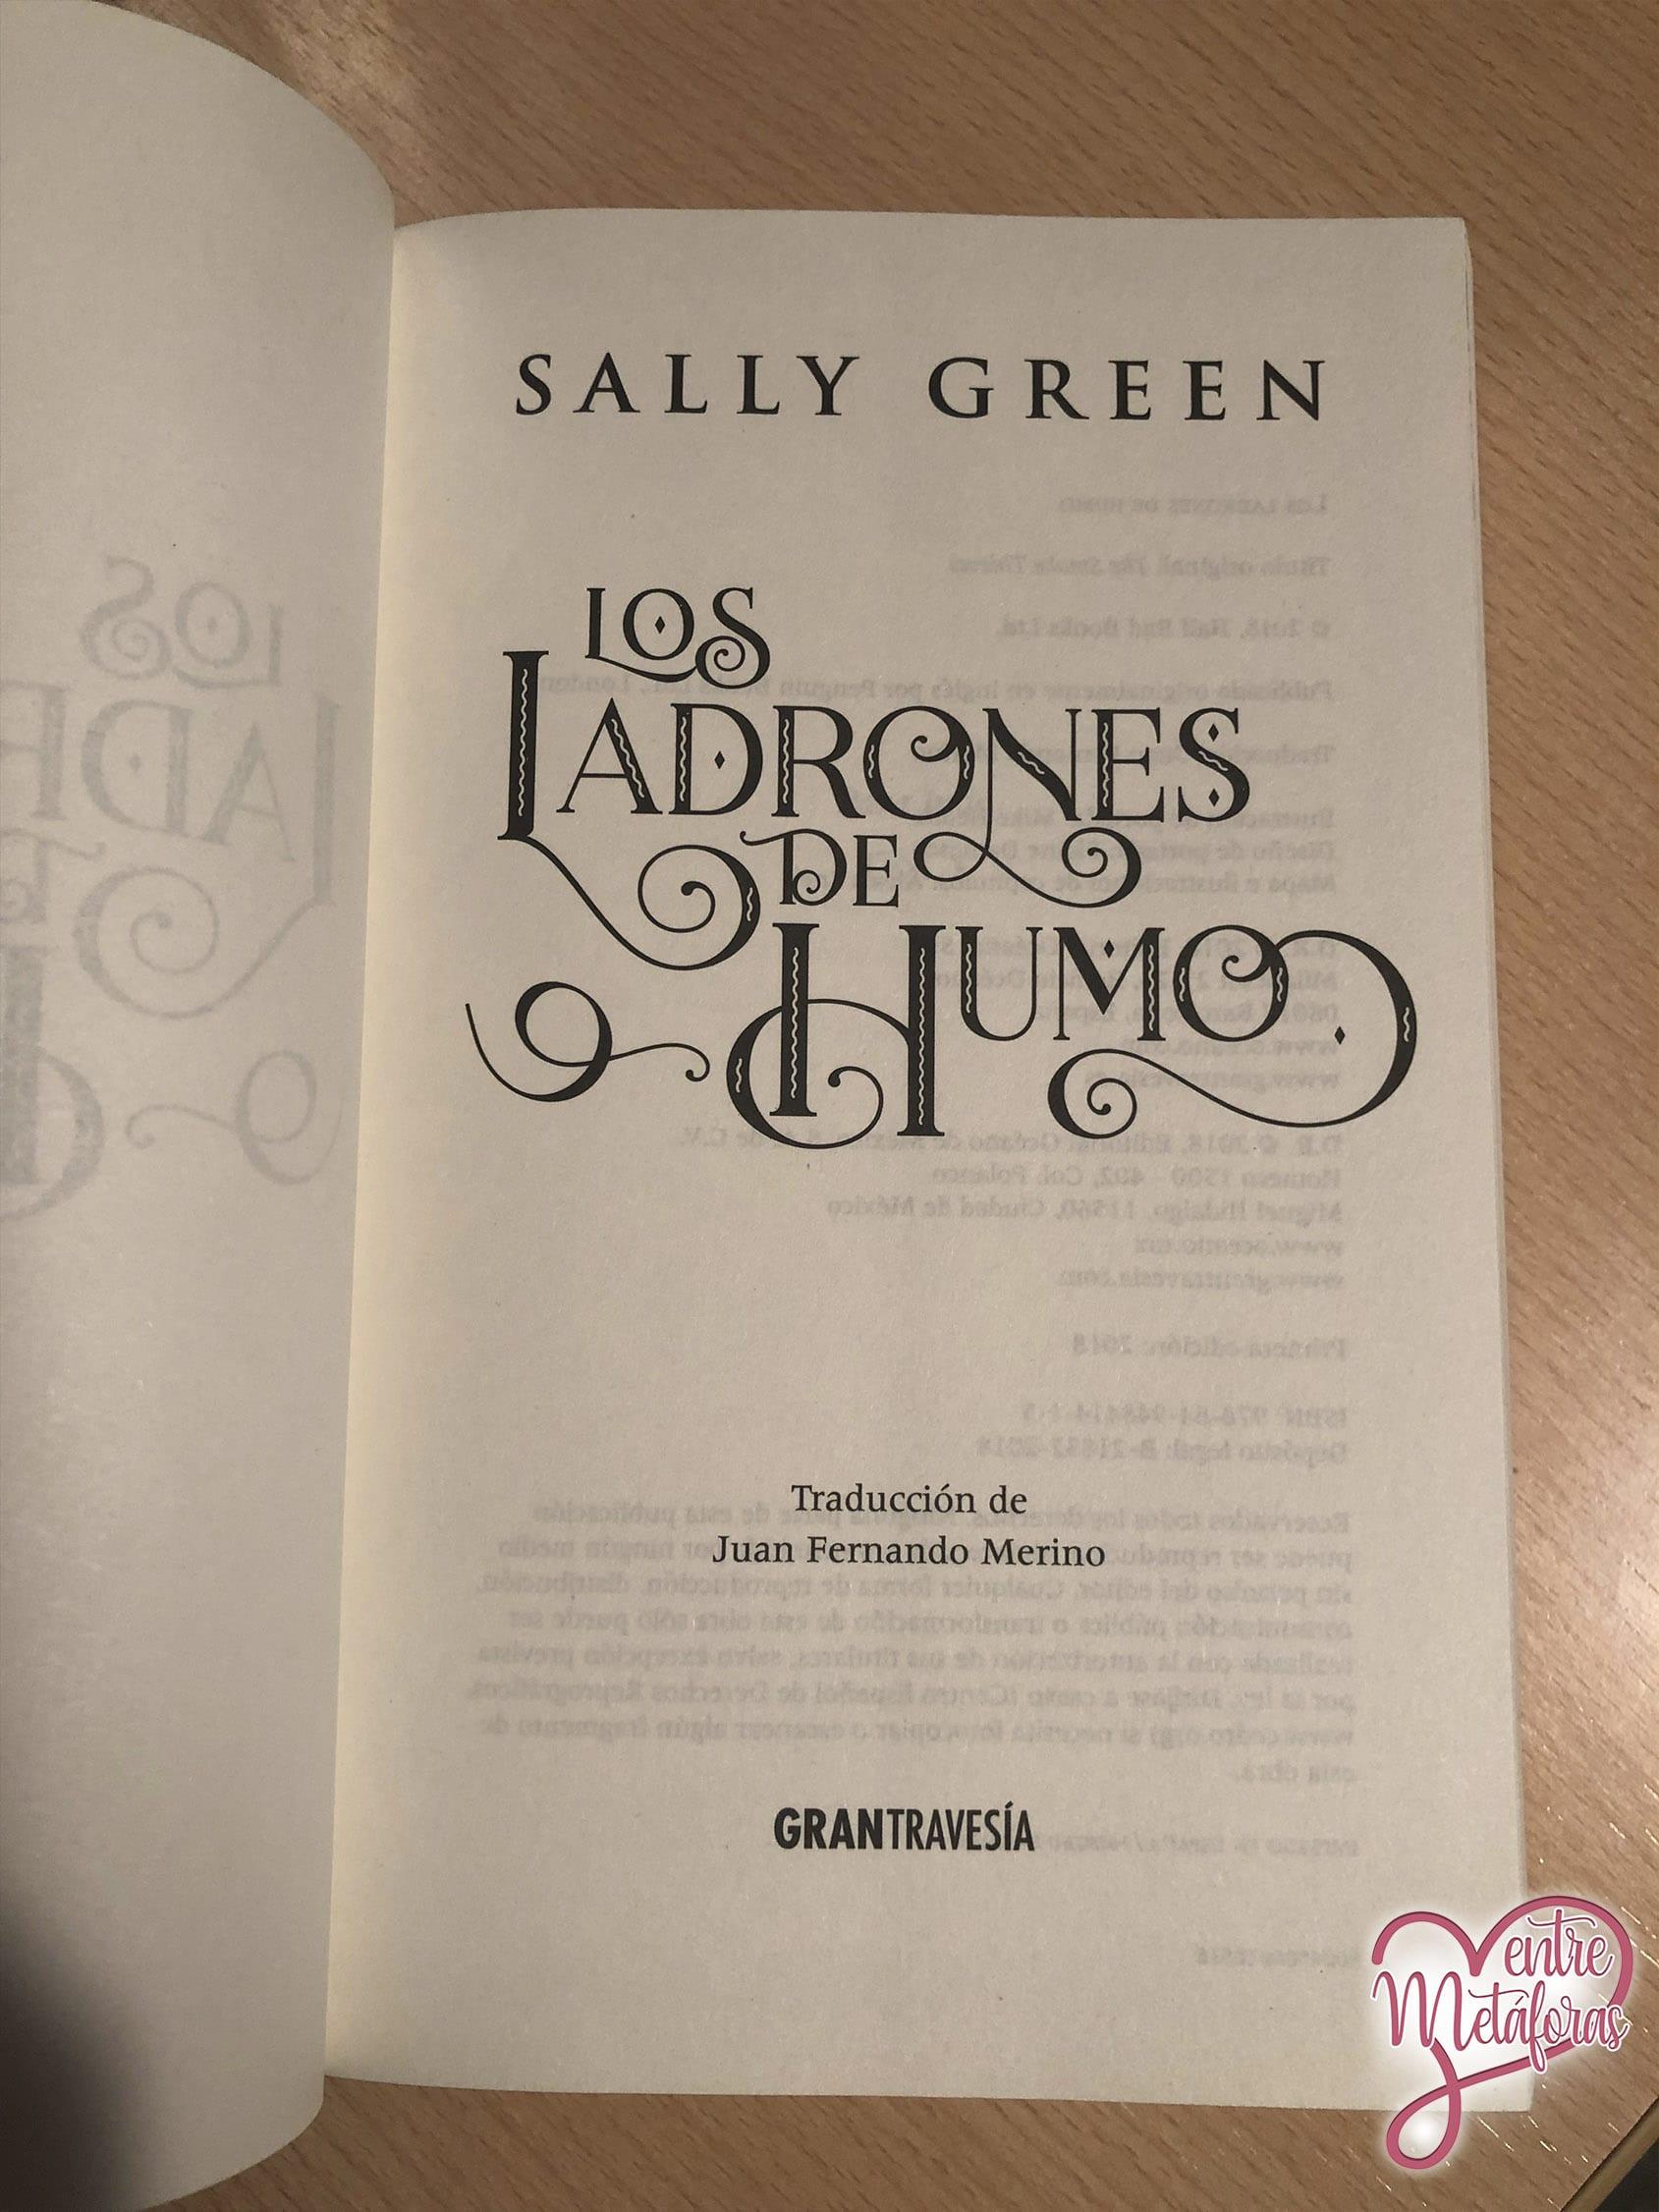 Los ladrones de humo, de Sally Green - Reseña